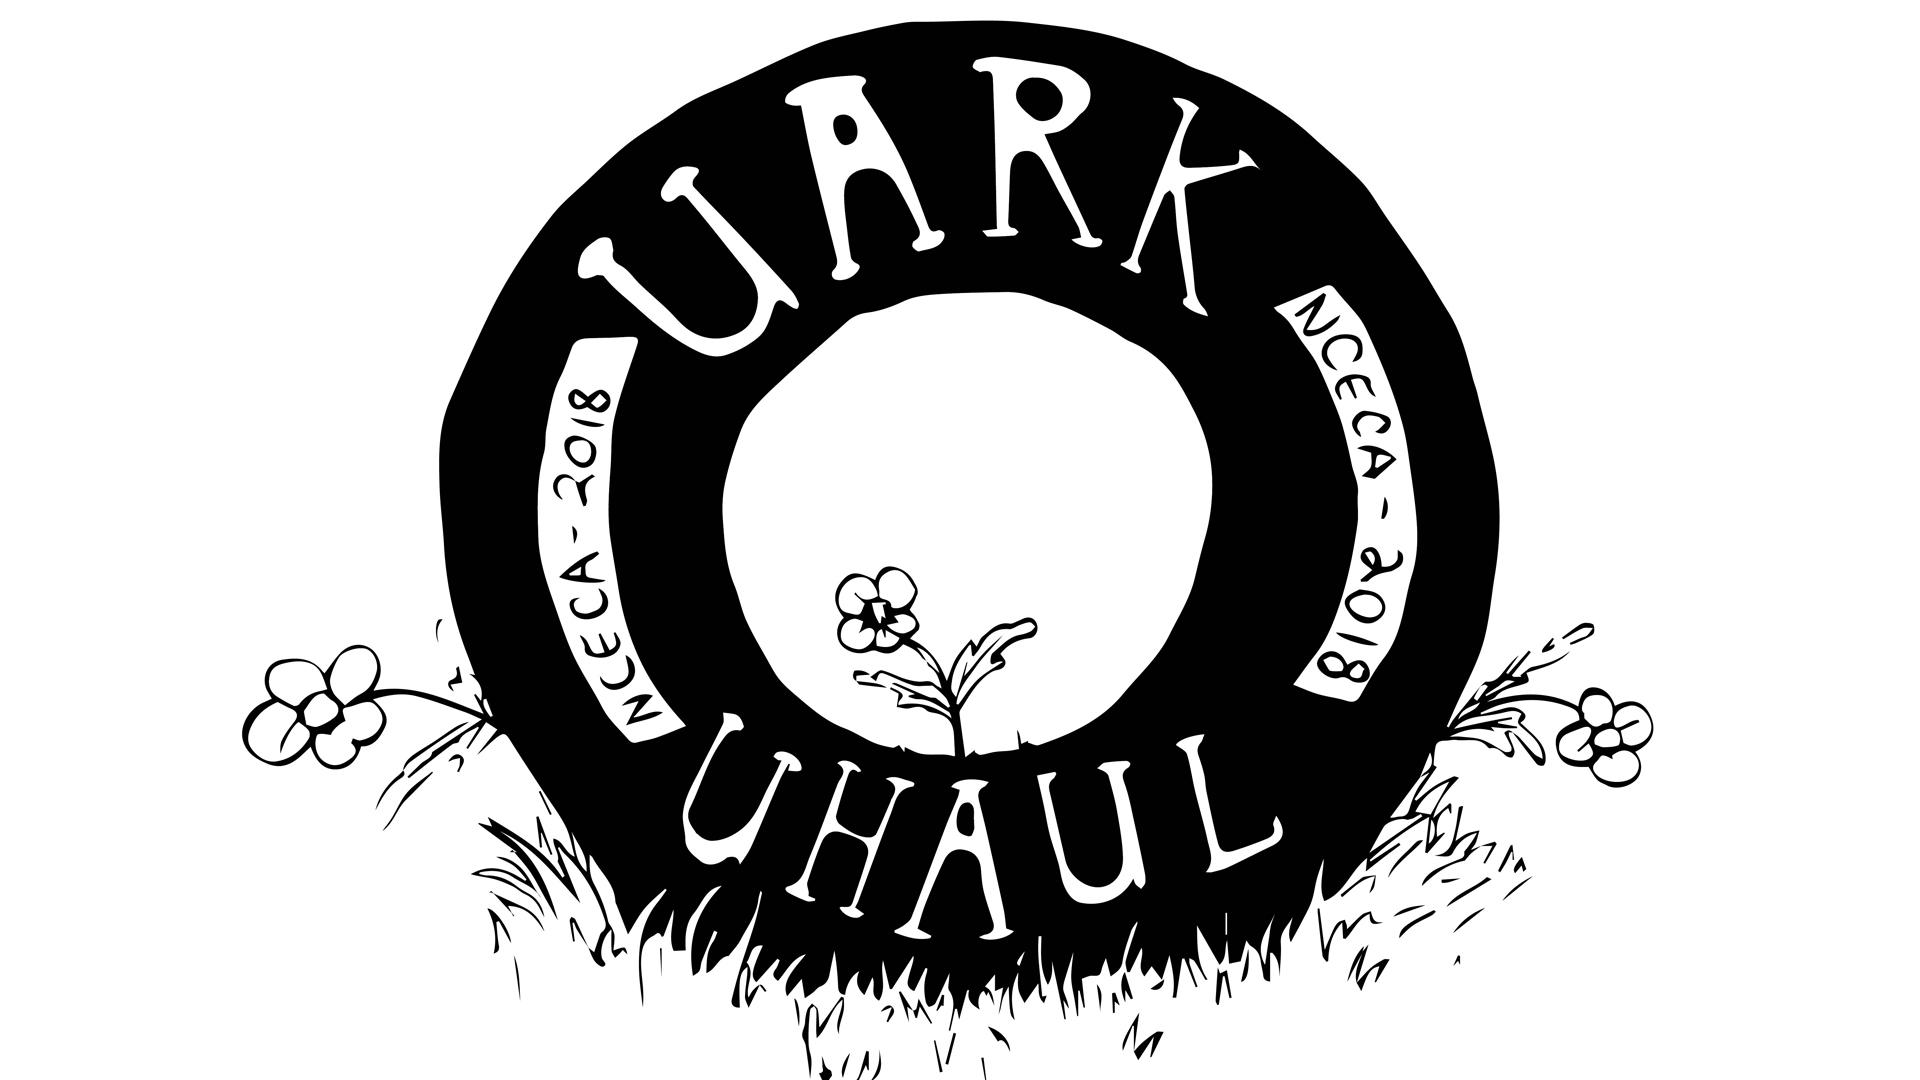 uark uhaul logo 1920x1080.jpg